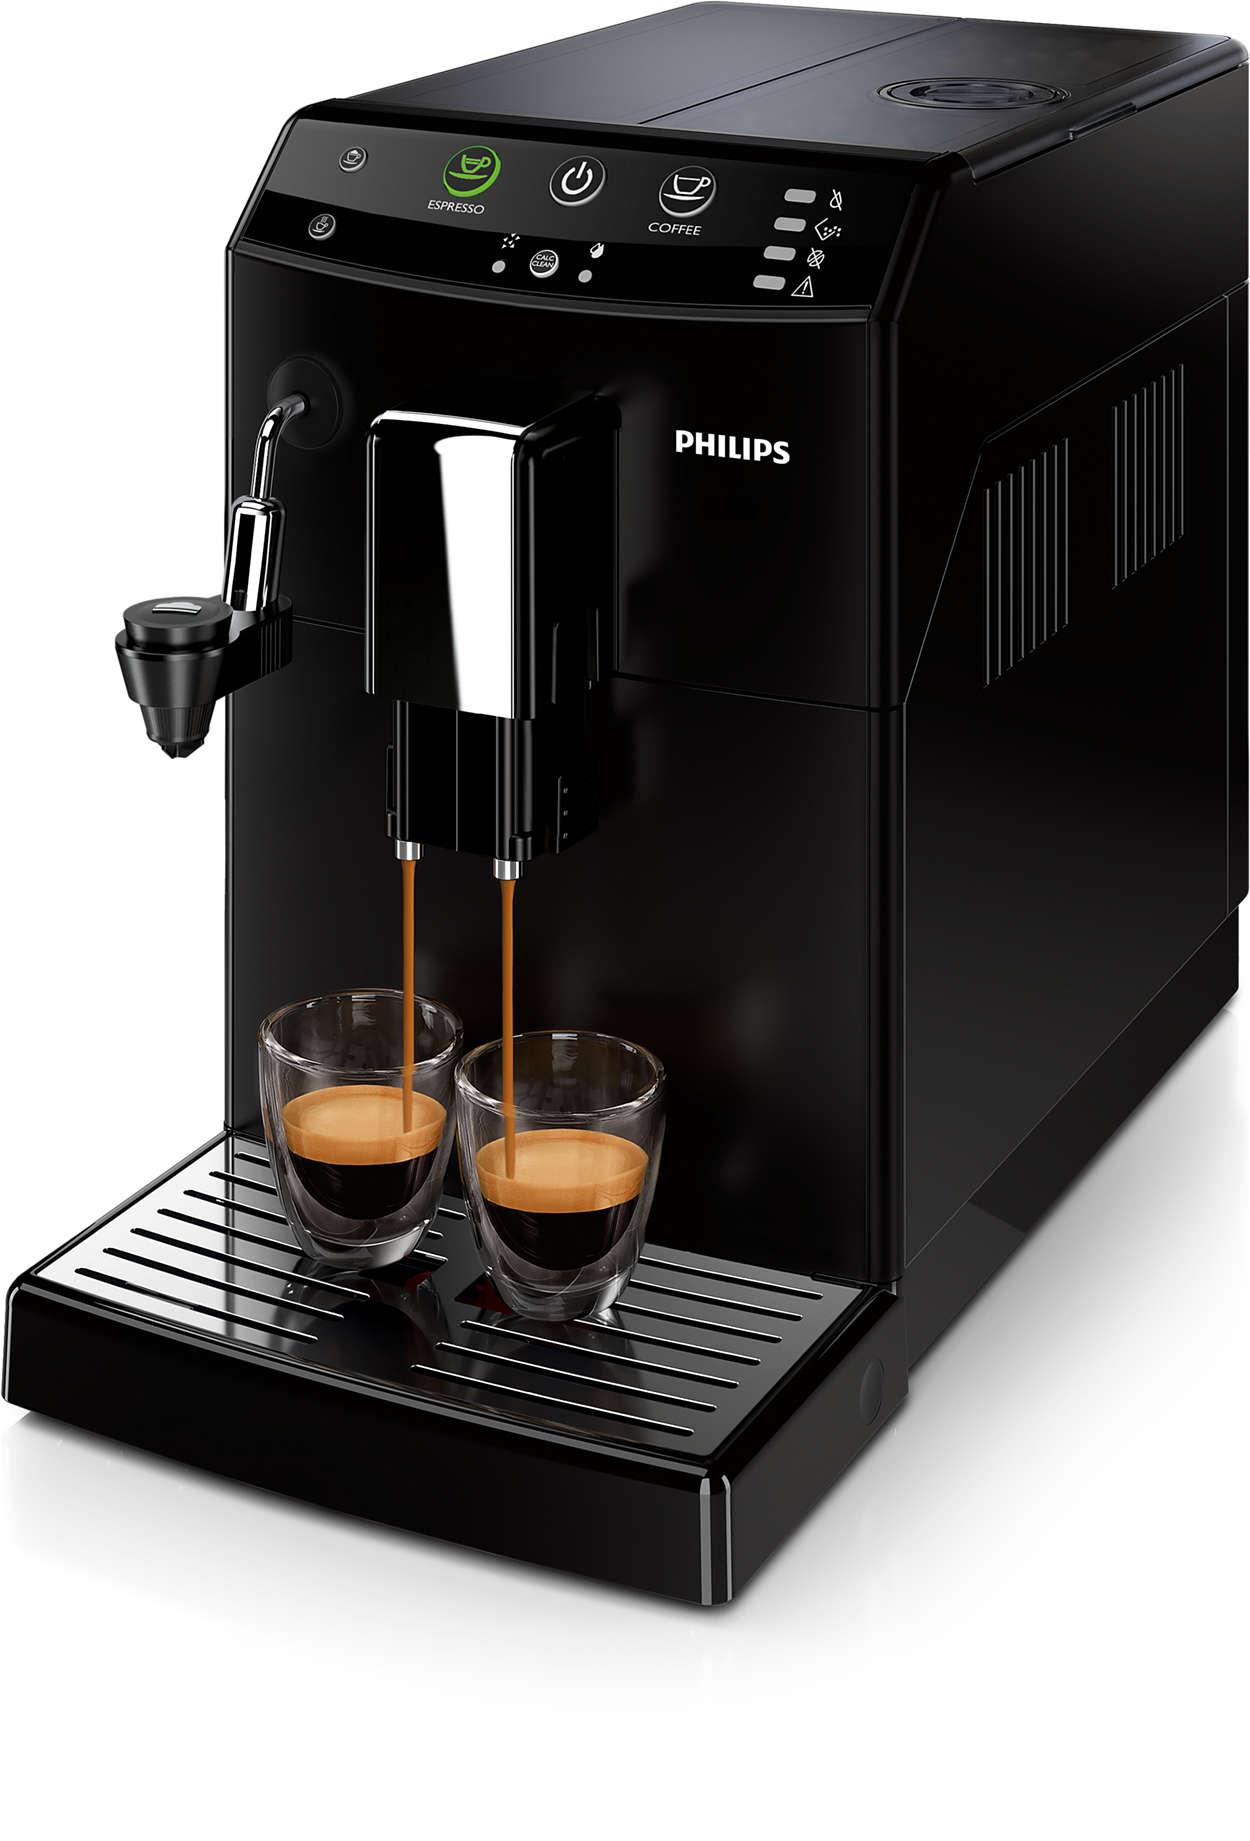 Cafeaua ta preferată, la o atingere distanţă